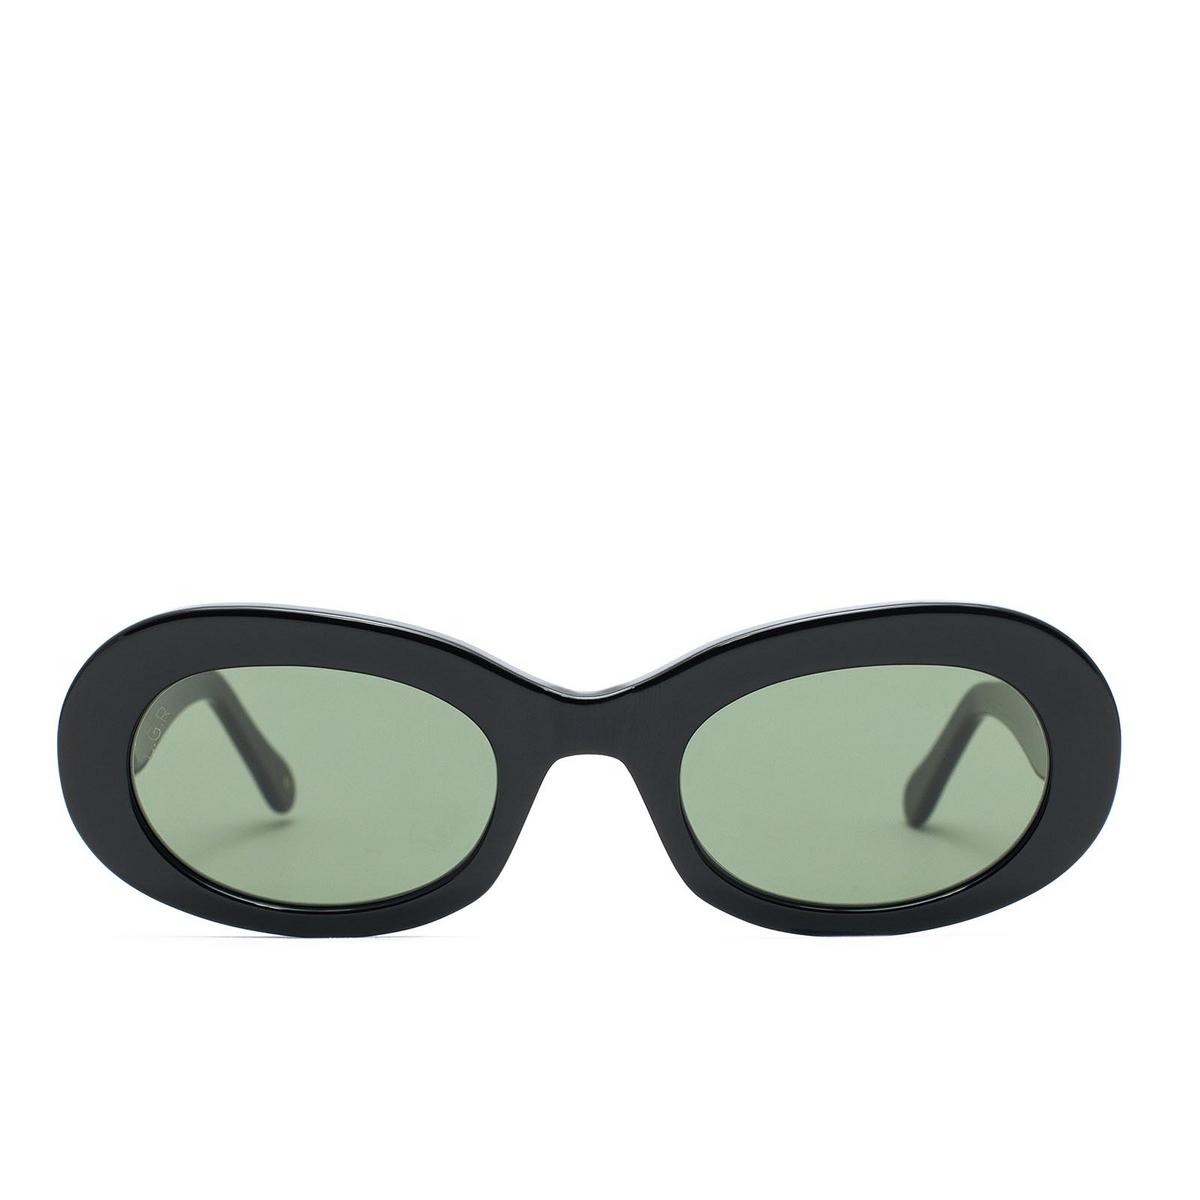 L.G.R® Oval Sunglasses: Dalia color Black 01 - front view.